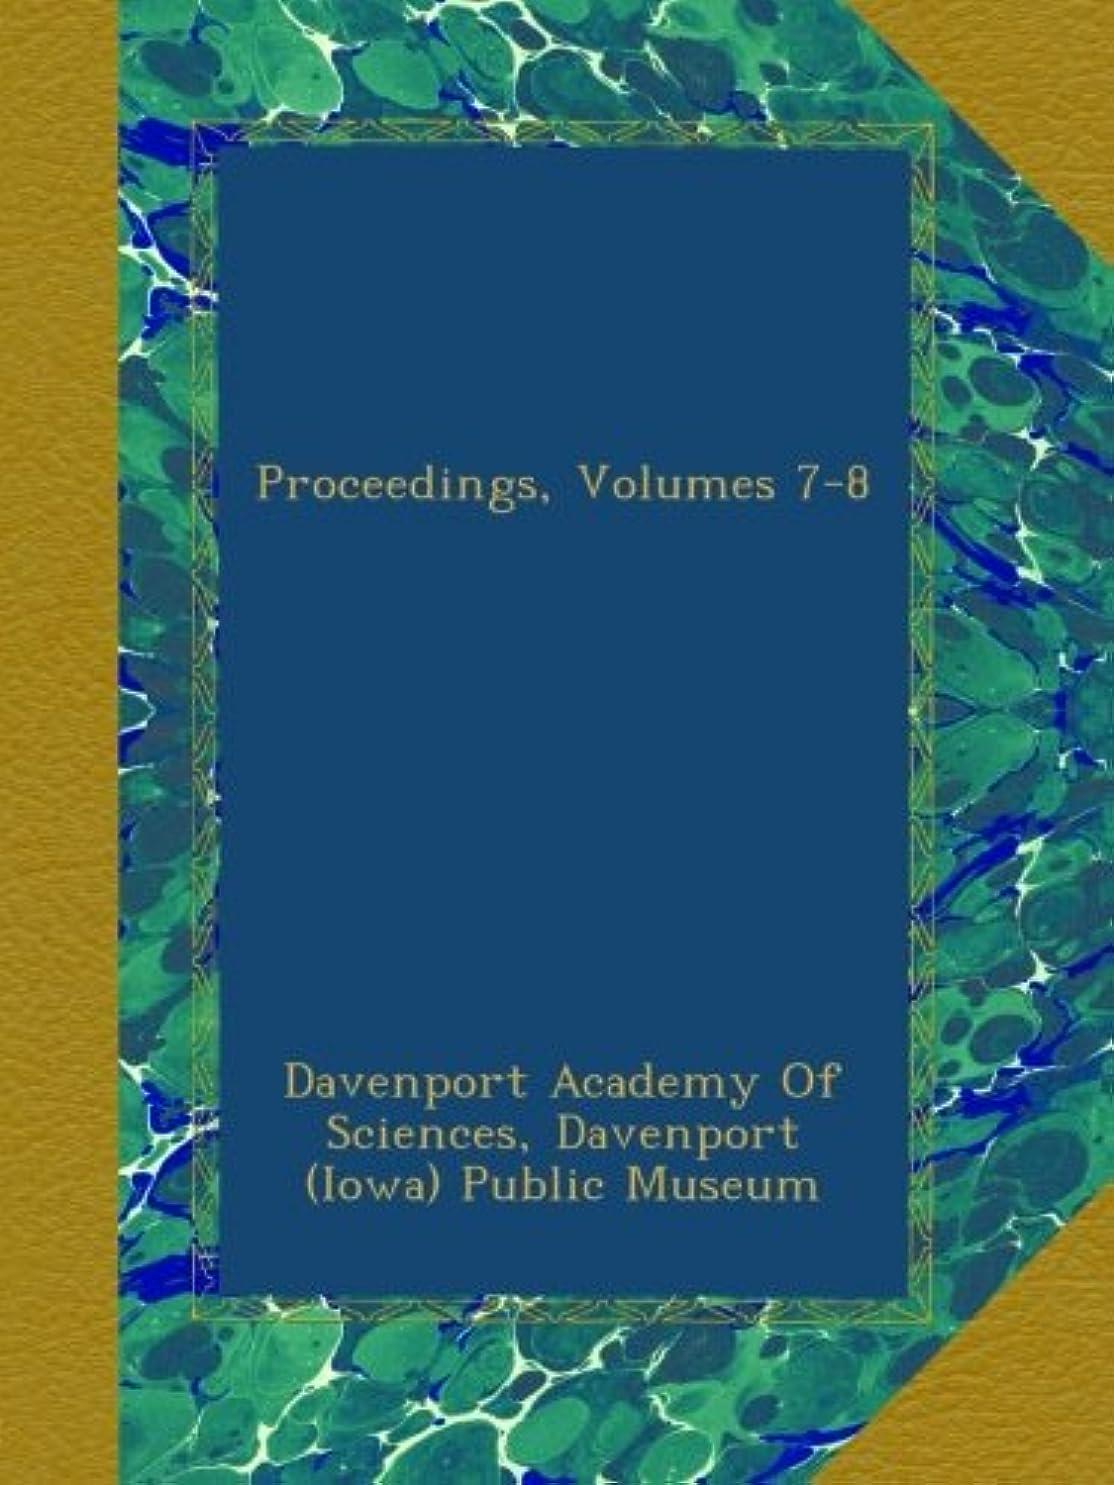 さまよう牛肉協会Proceedings, Volumes 7-8